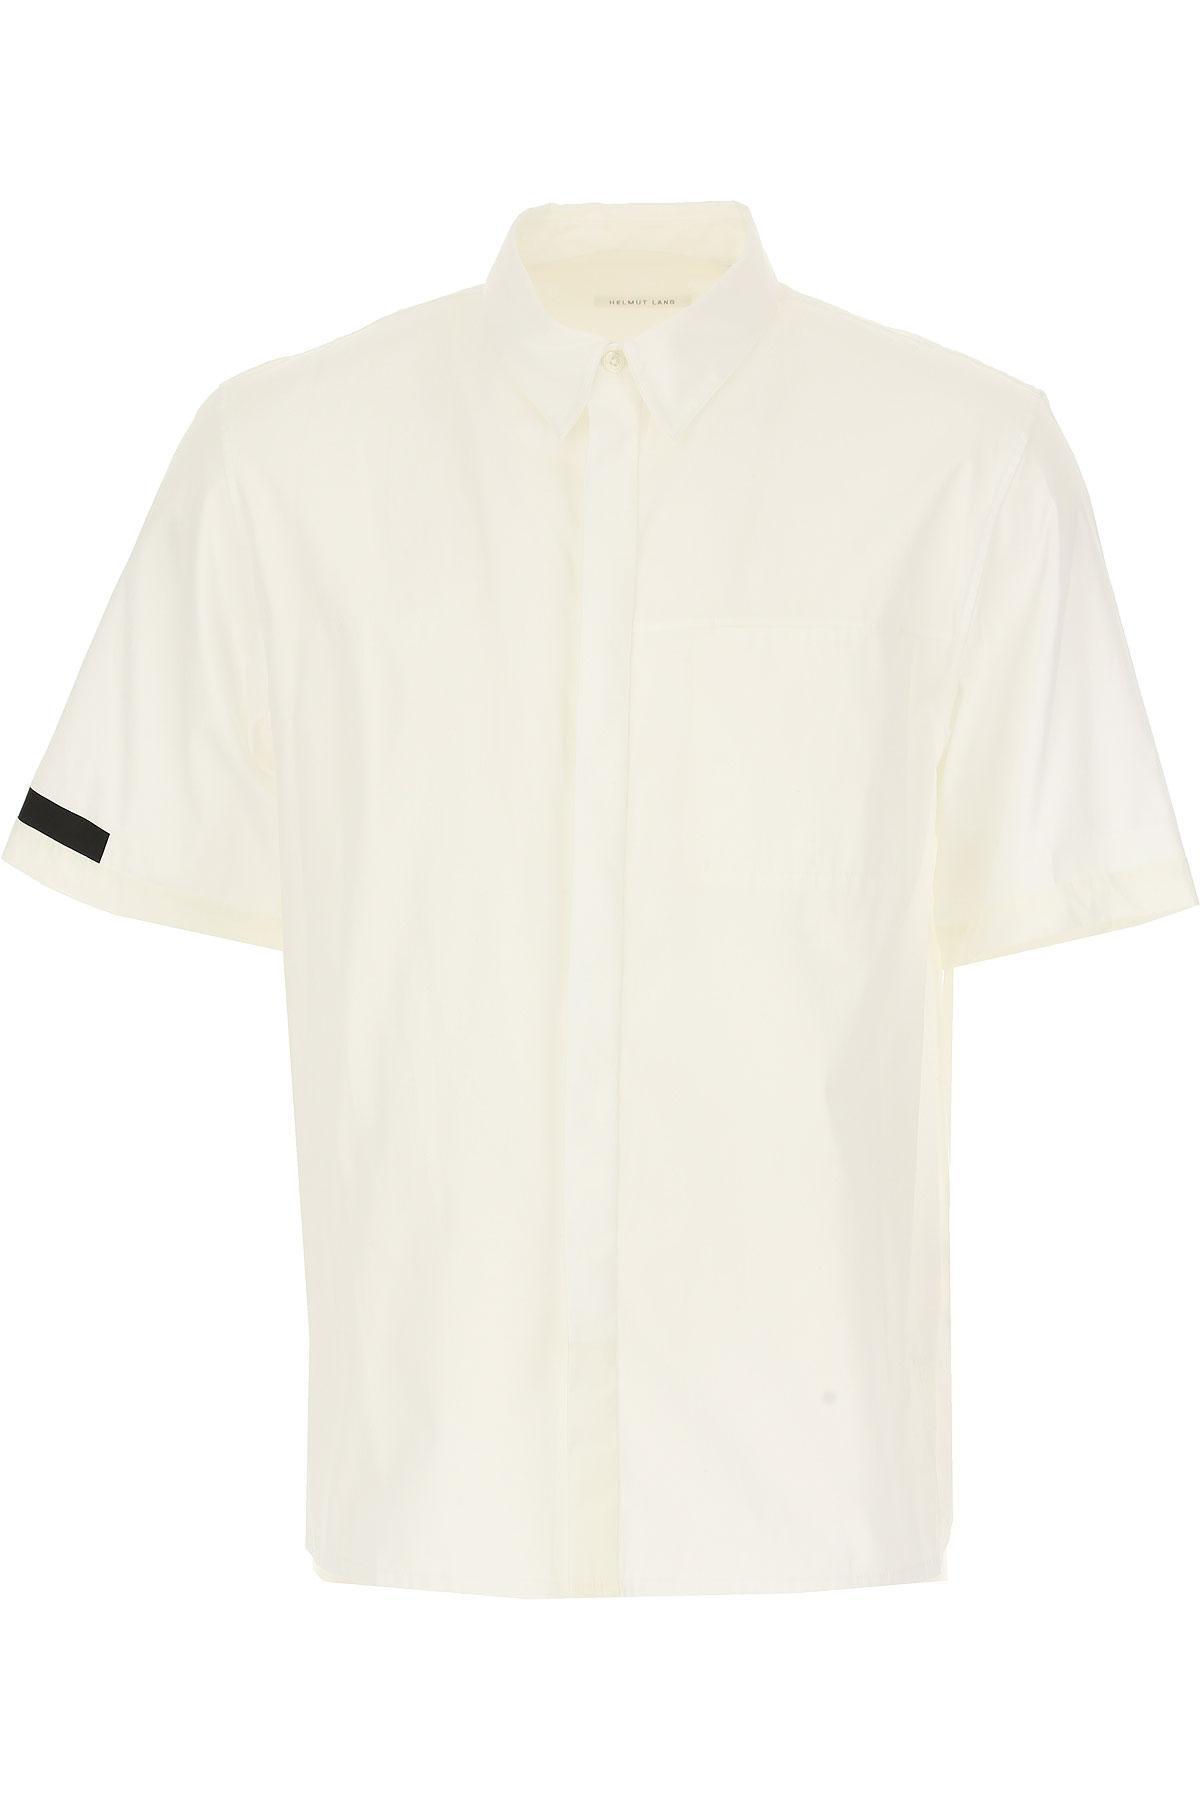 Image of Helmut Lang Shirt for Men, White, Cotton, 2017, S • IT 46 M • IT 48 L • IT 50